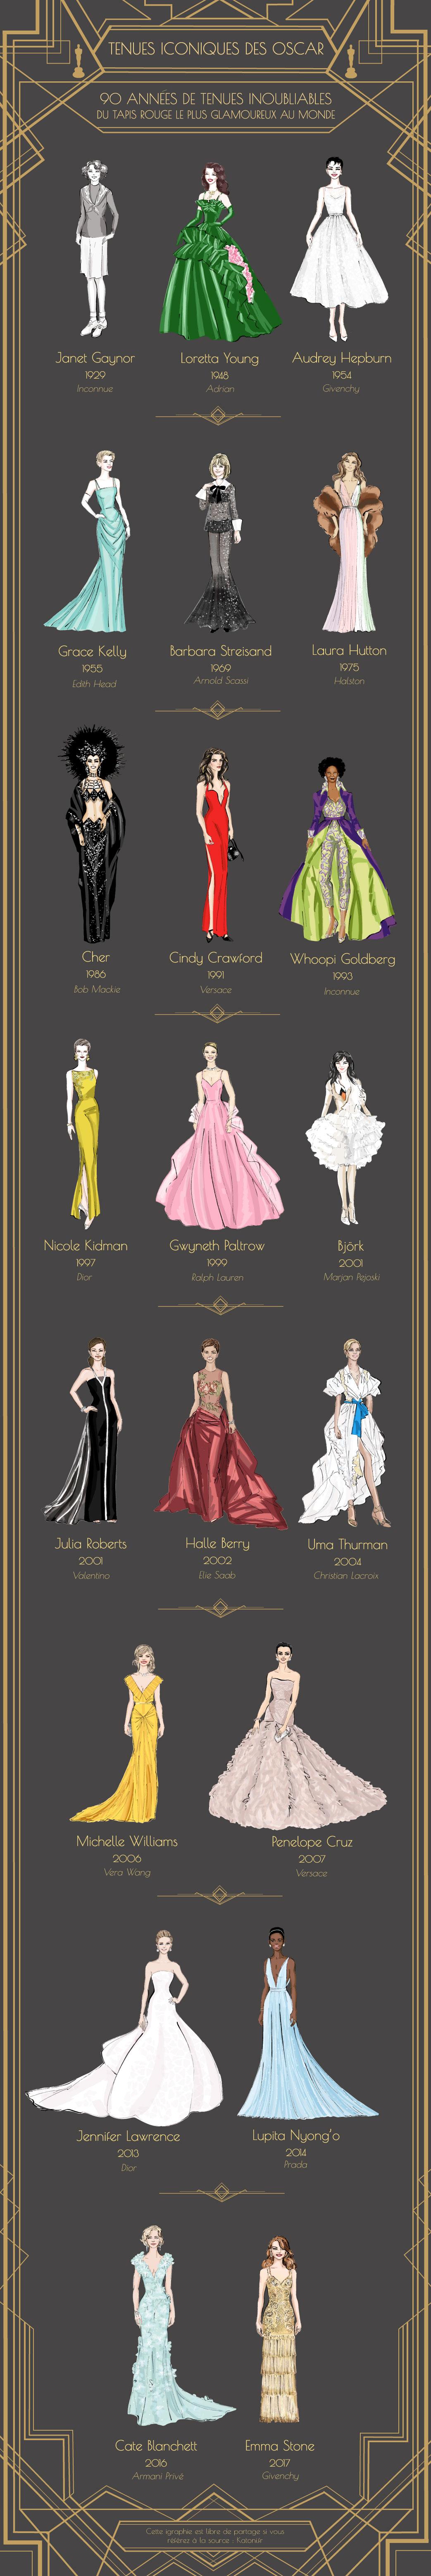 Infographie avec les tenues des oscars le plus iconique de tous les temps.